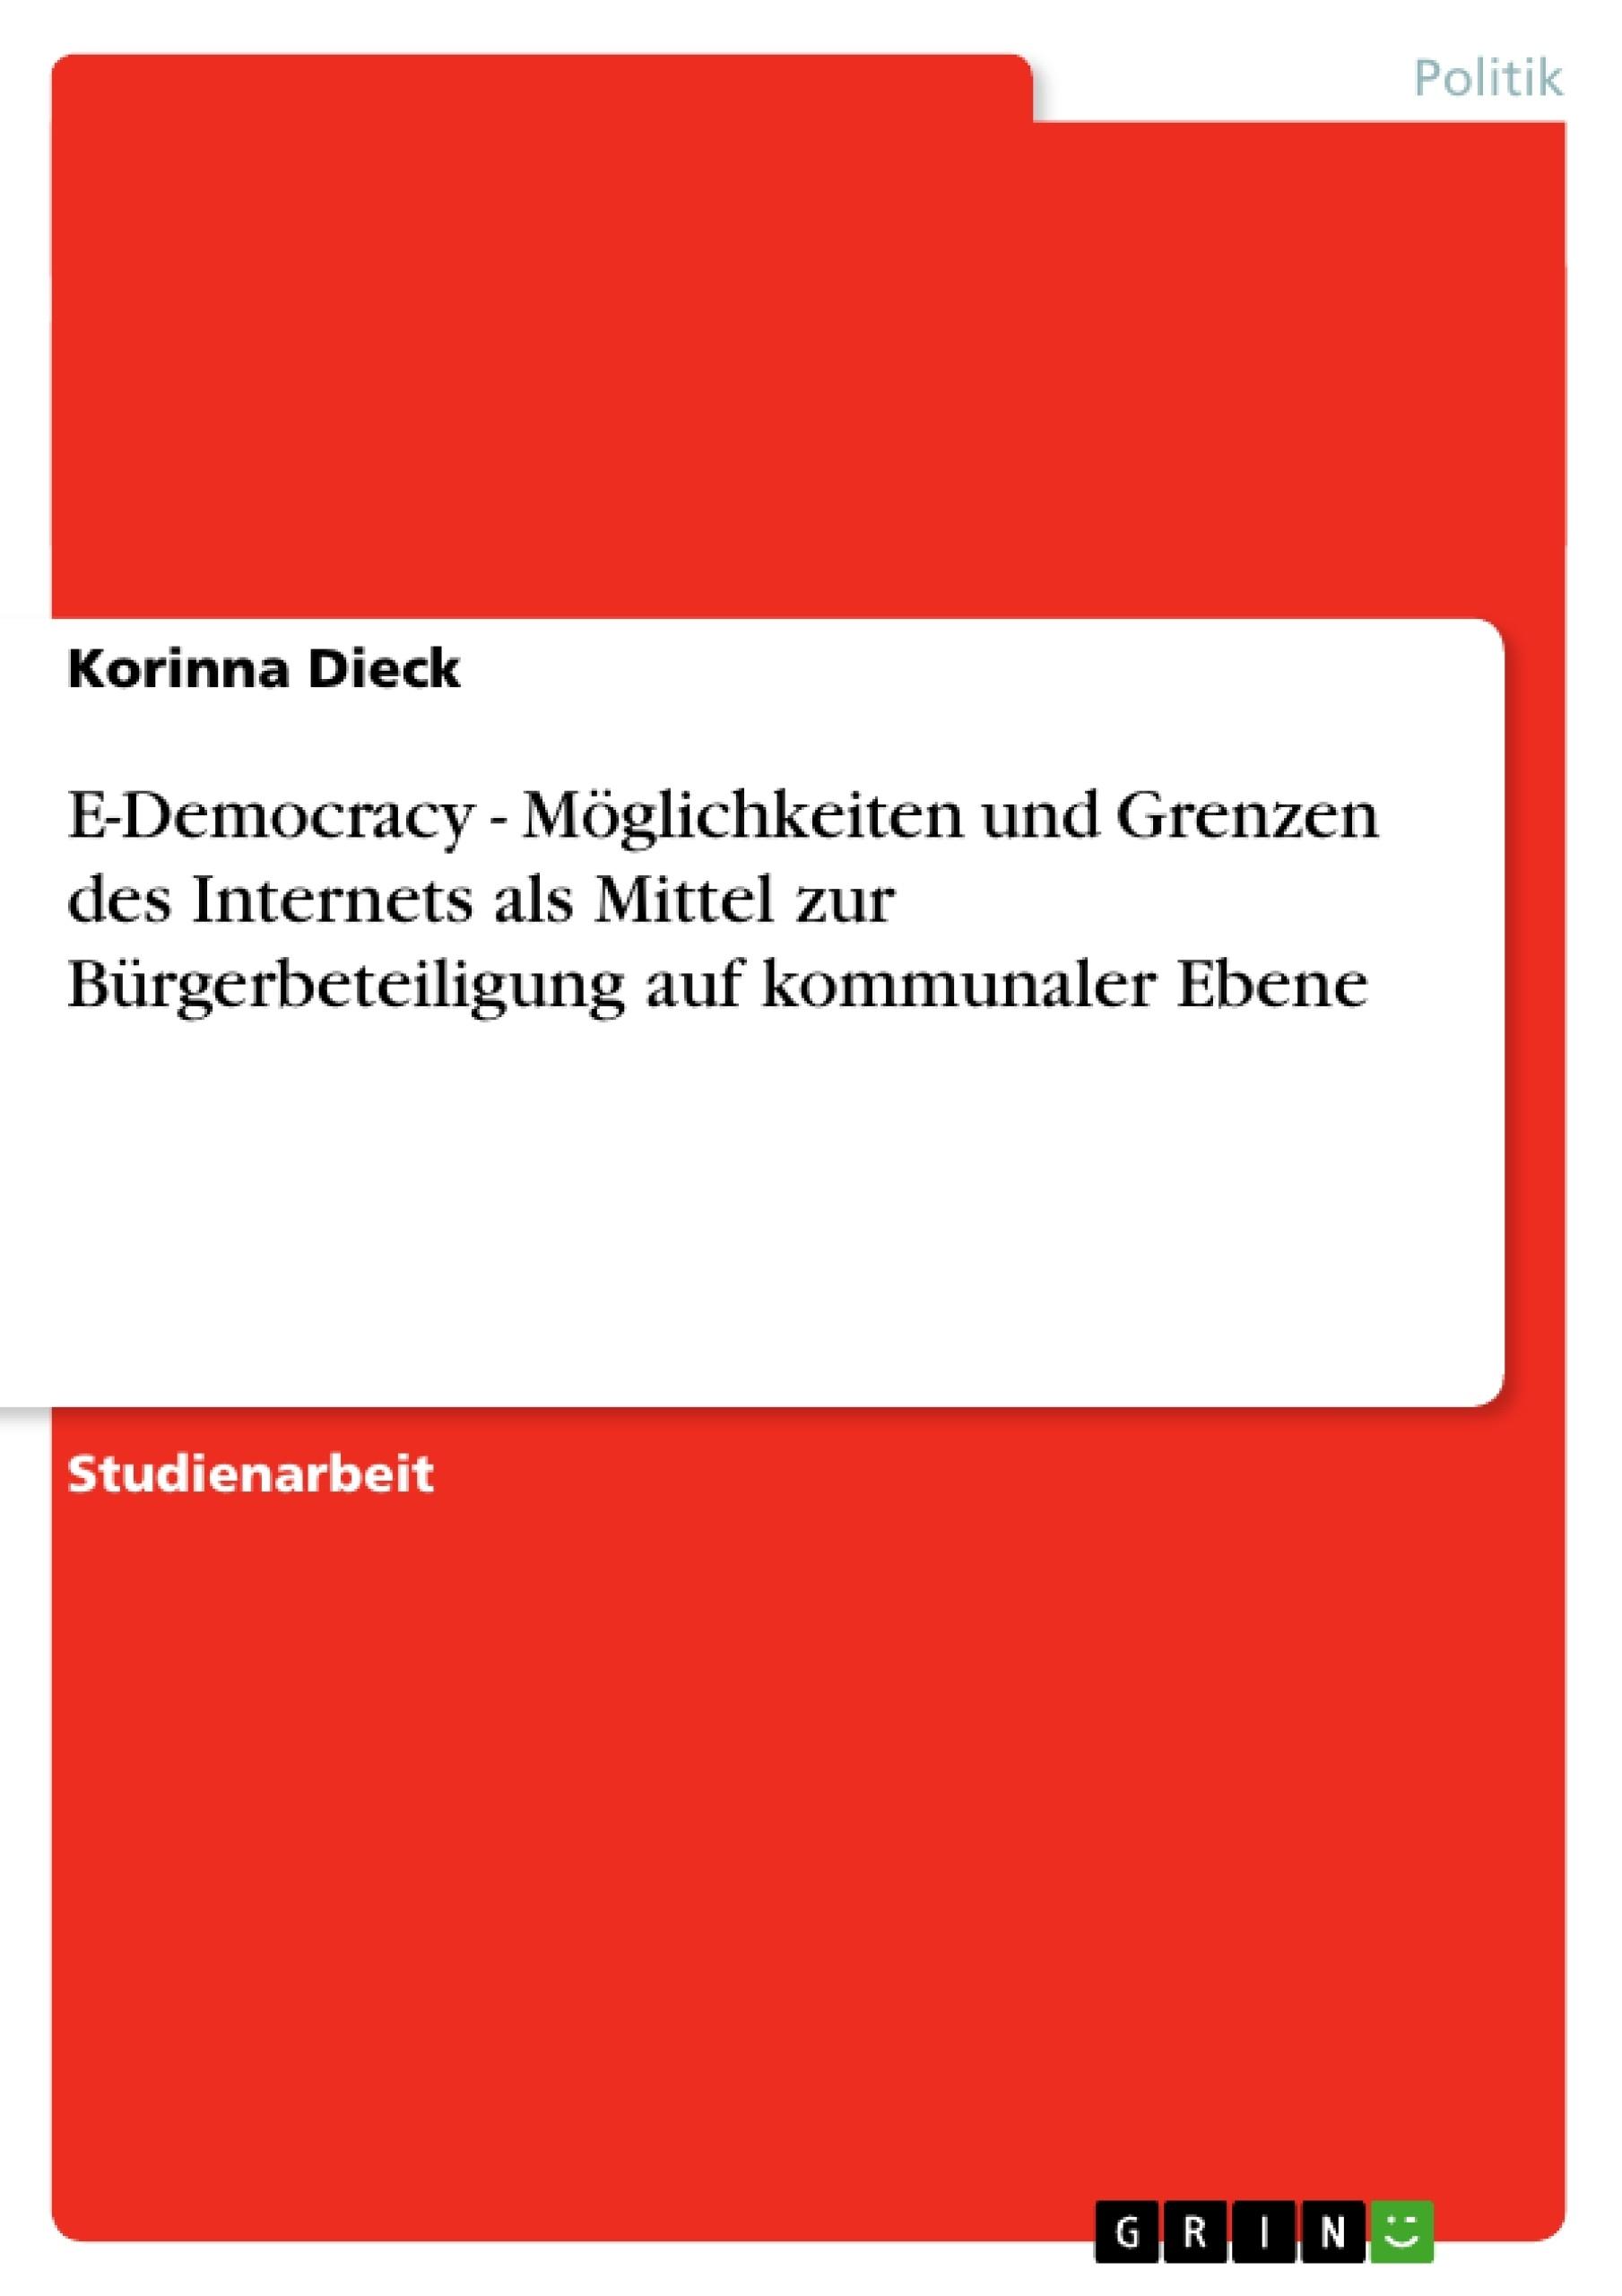 Titel: E-Democracy - Möglichkeiten und Grenzen des Internets als Mittel zur Bürgerbeteiligung auf kommunaler Ebene